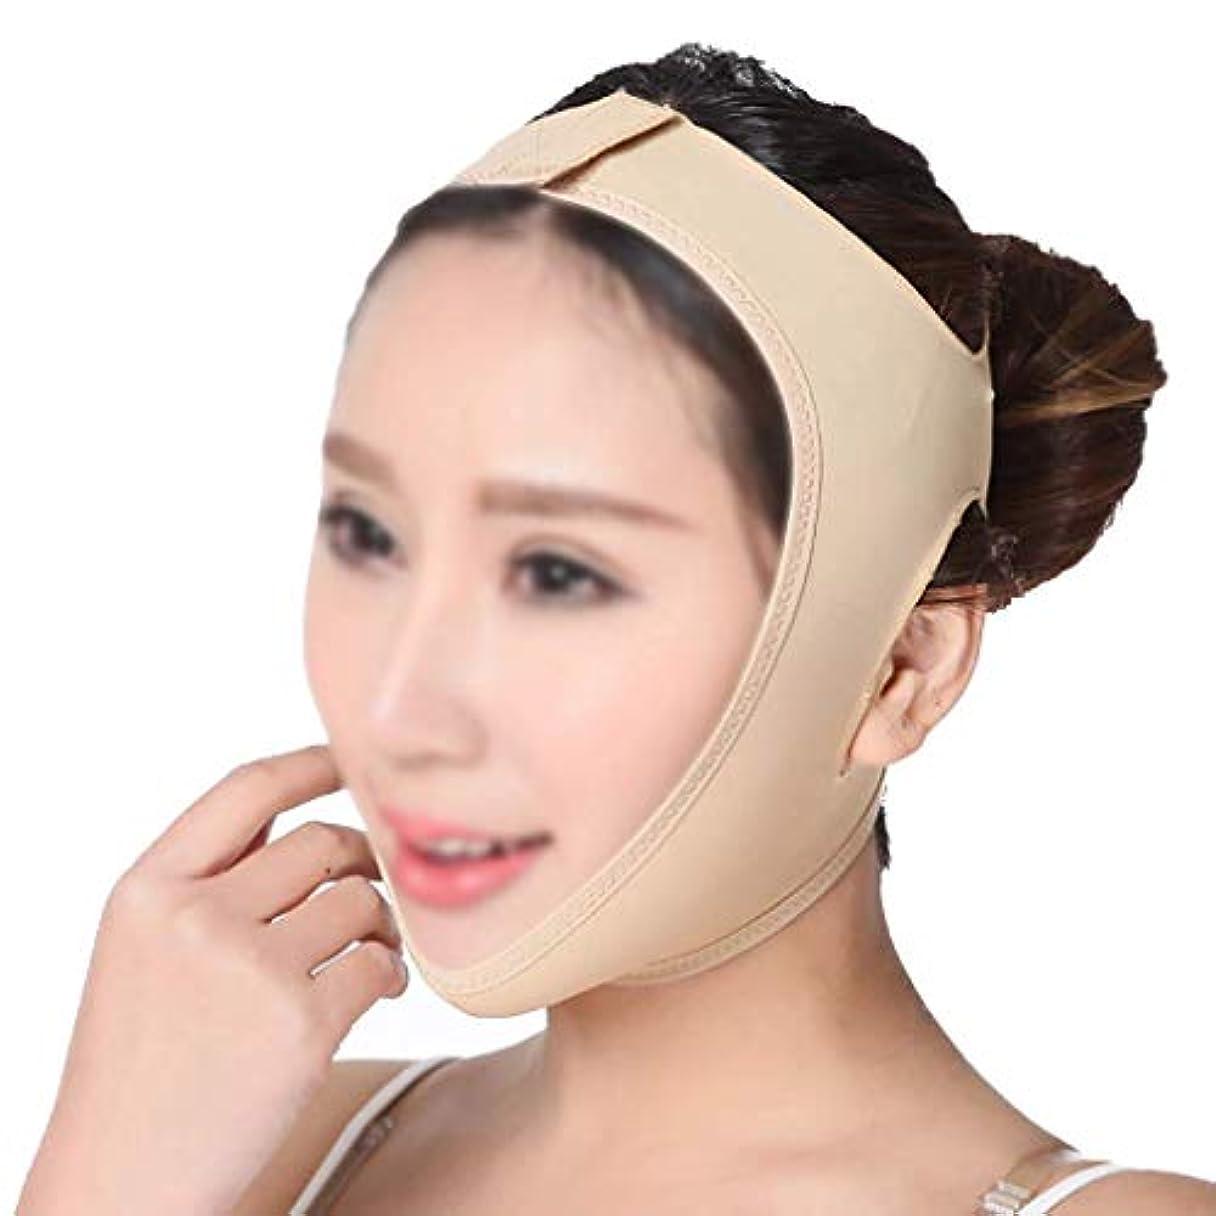 推進バターチェスをする薄い顔の包帯の顔スリム二重あごを取り除くVラインの顔の形を作成するあごの頬リフトアップアンチリンクルリフティングベルトフェイスマッサージツール(サイズ:L)